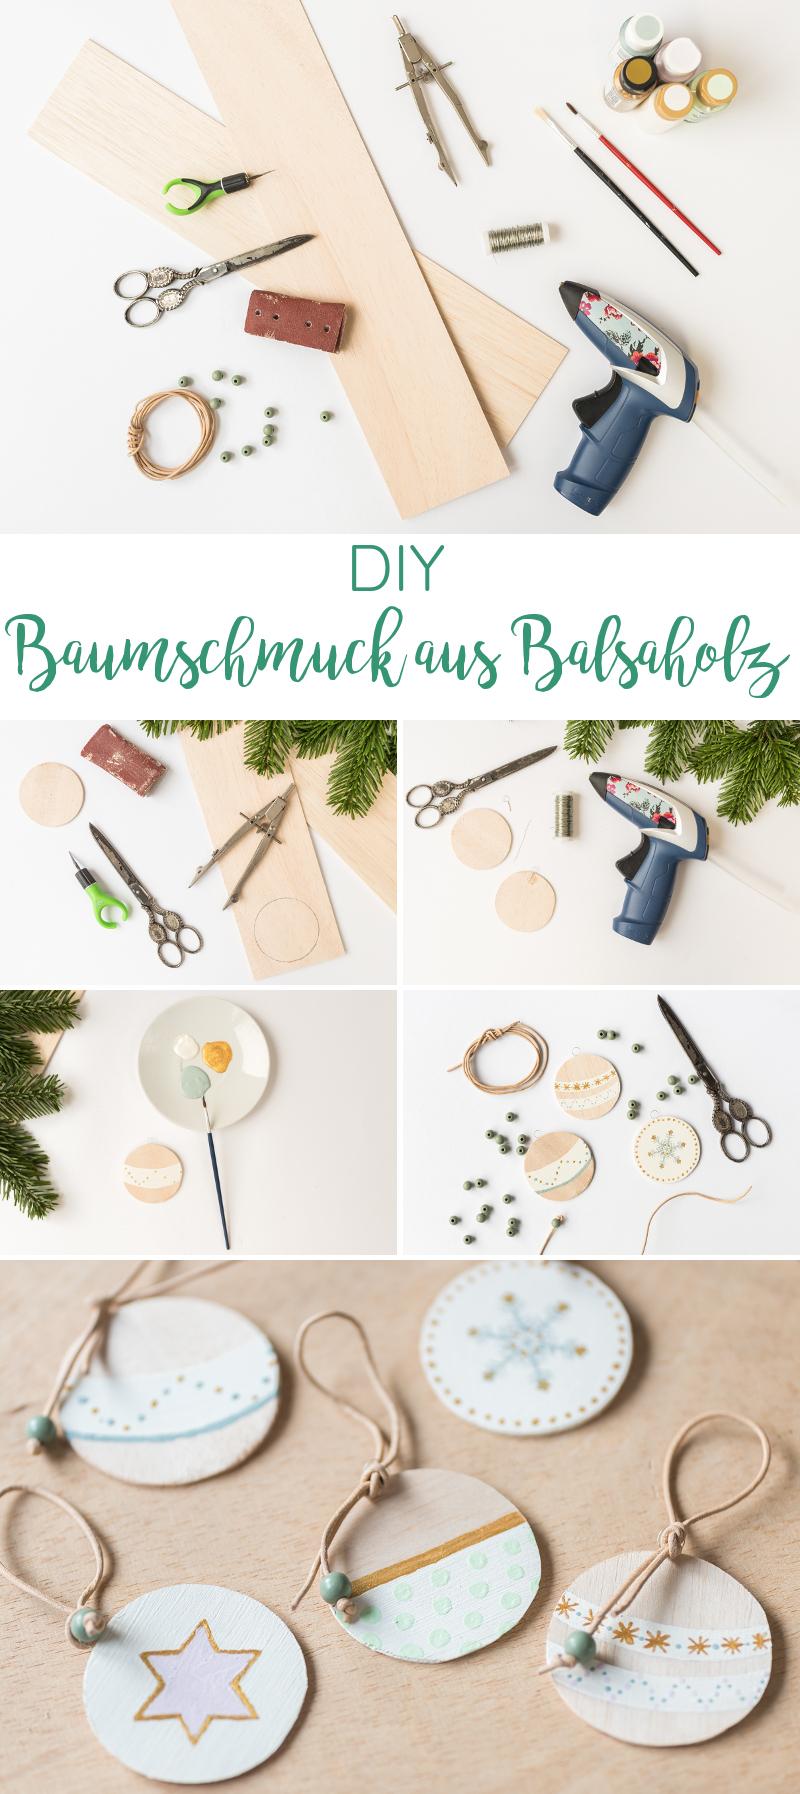 DIY Anleitung für selbstgemachten Baumschmuck aus Balsaholz im skandinavischen Look mit Leder und Perlen in Pastellfarben